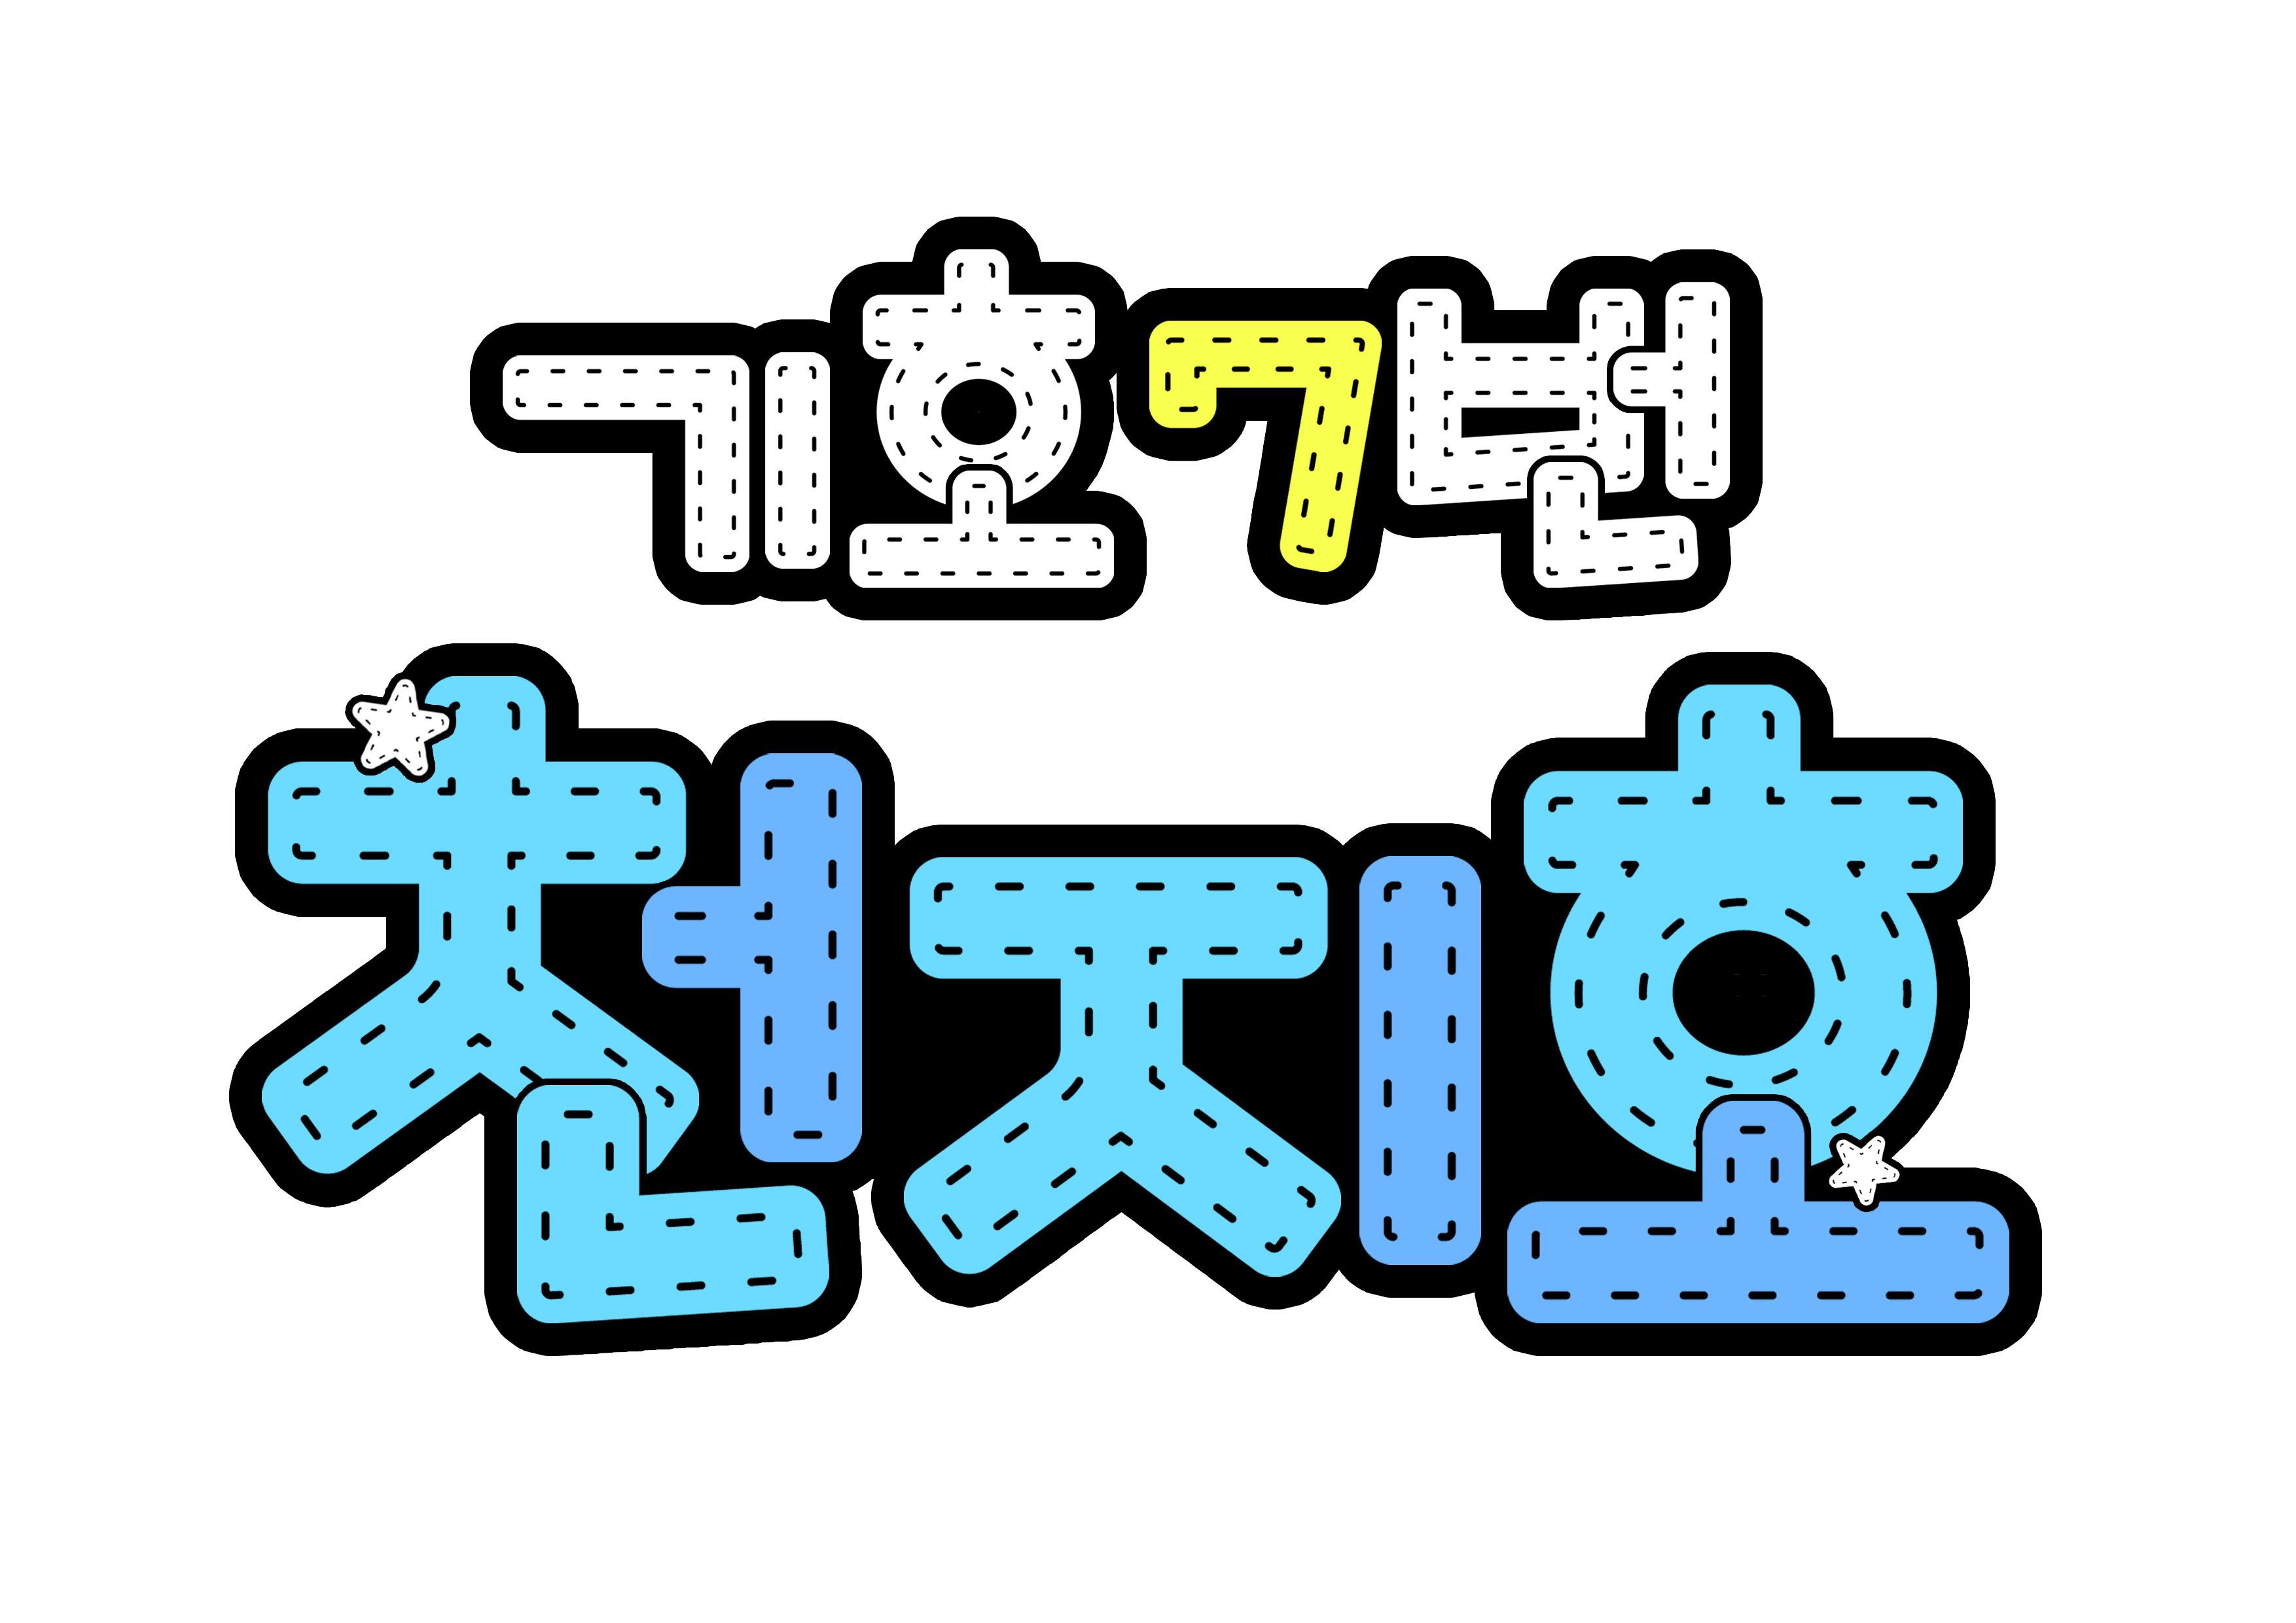 기호7번 천지호